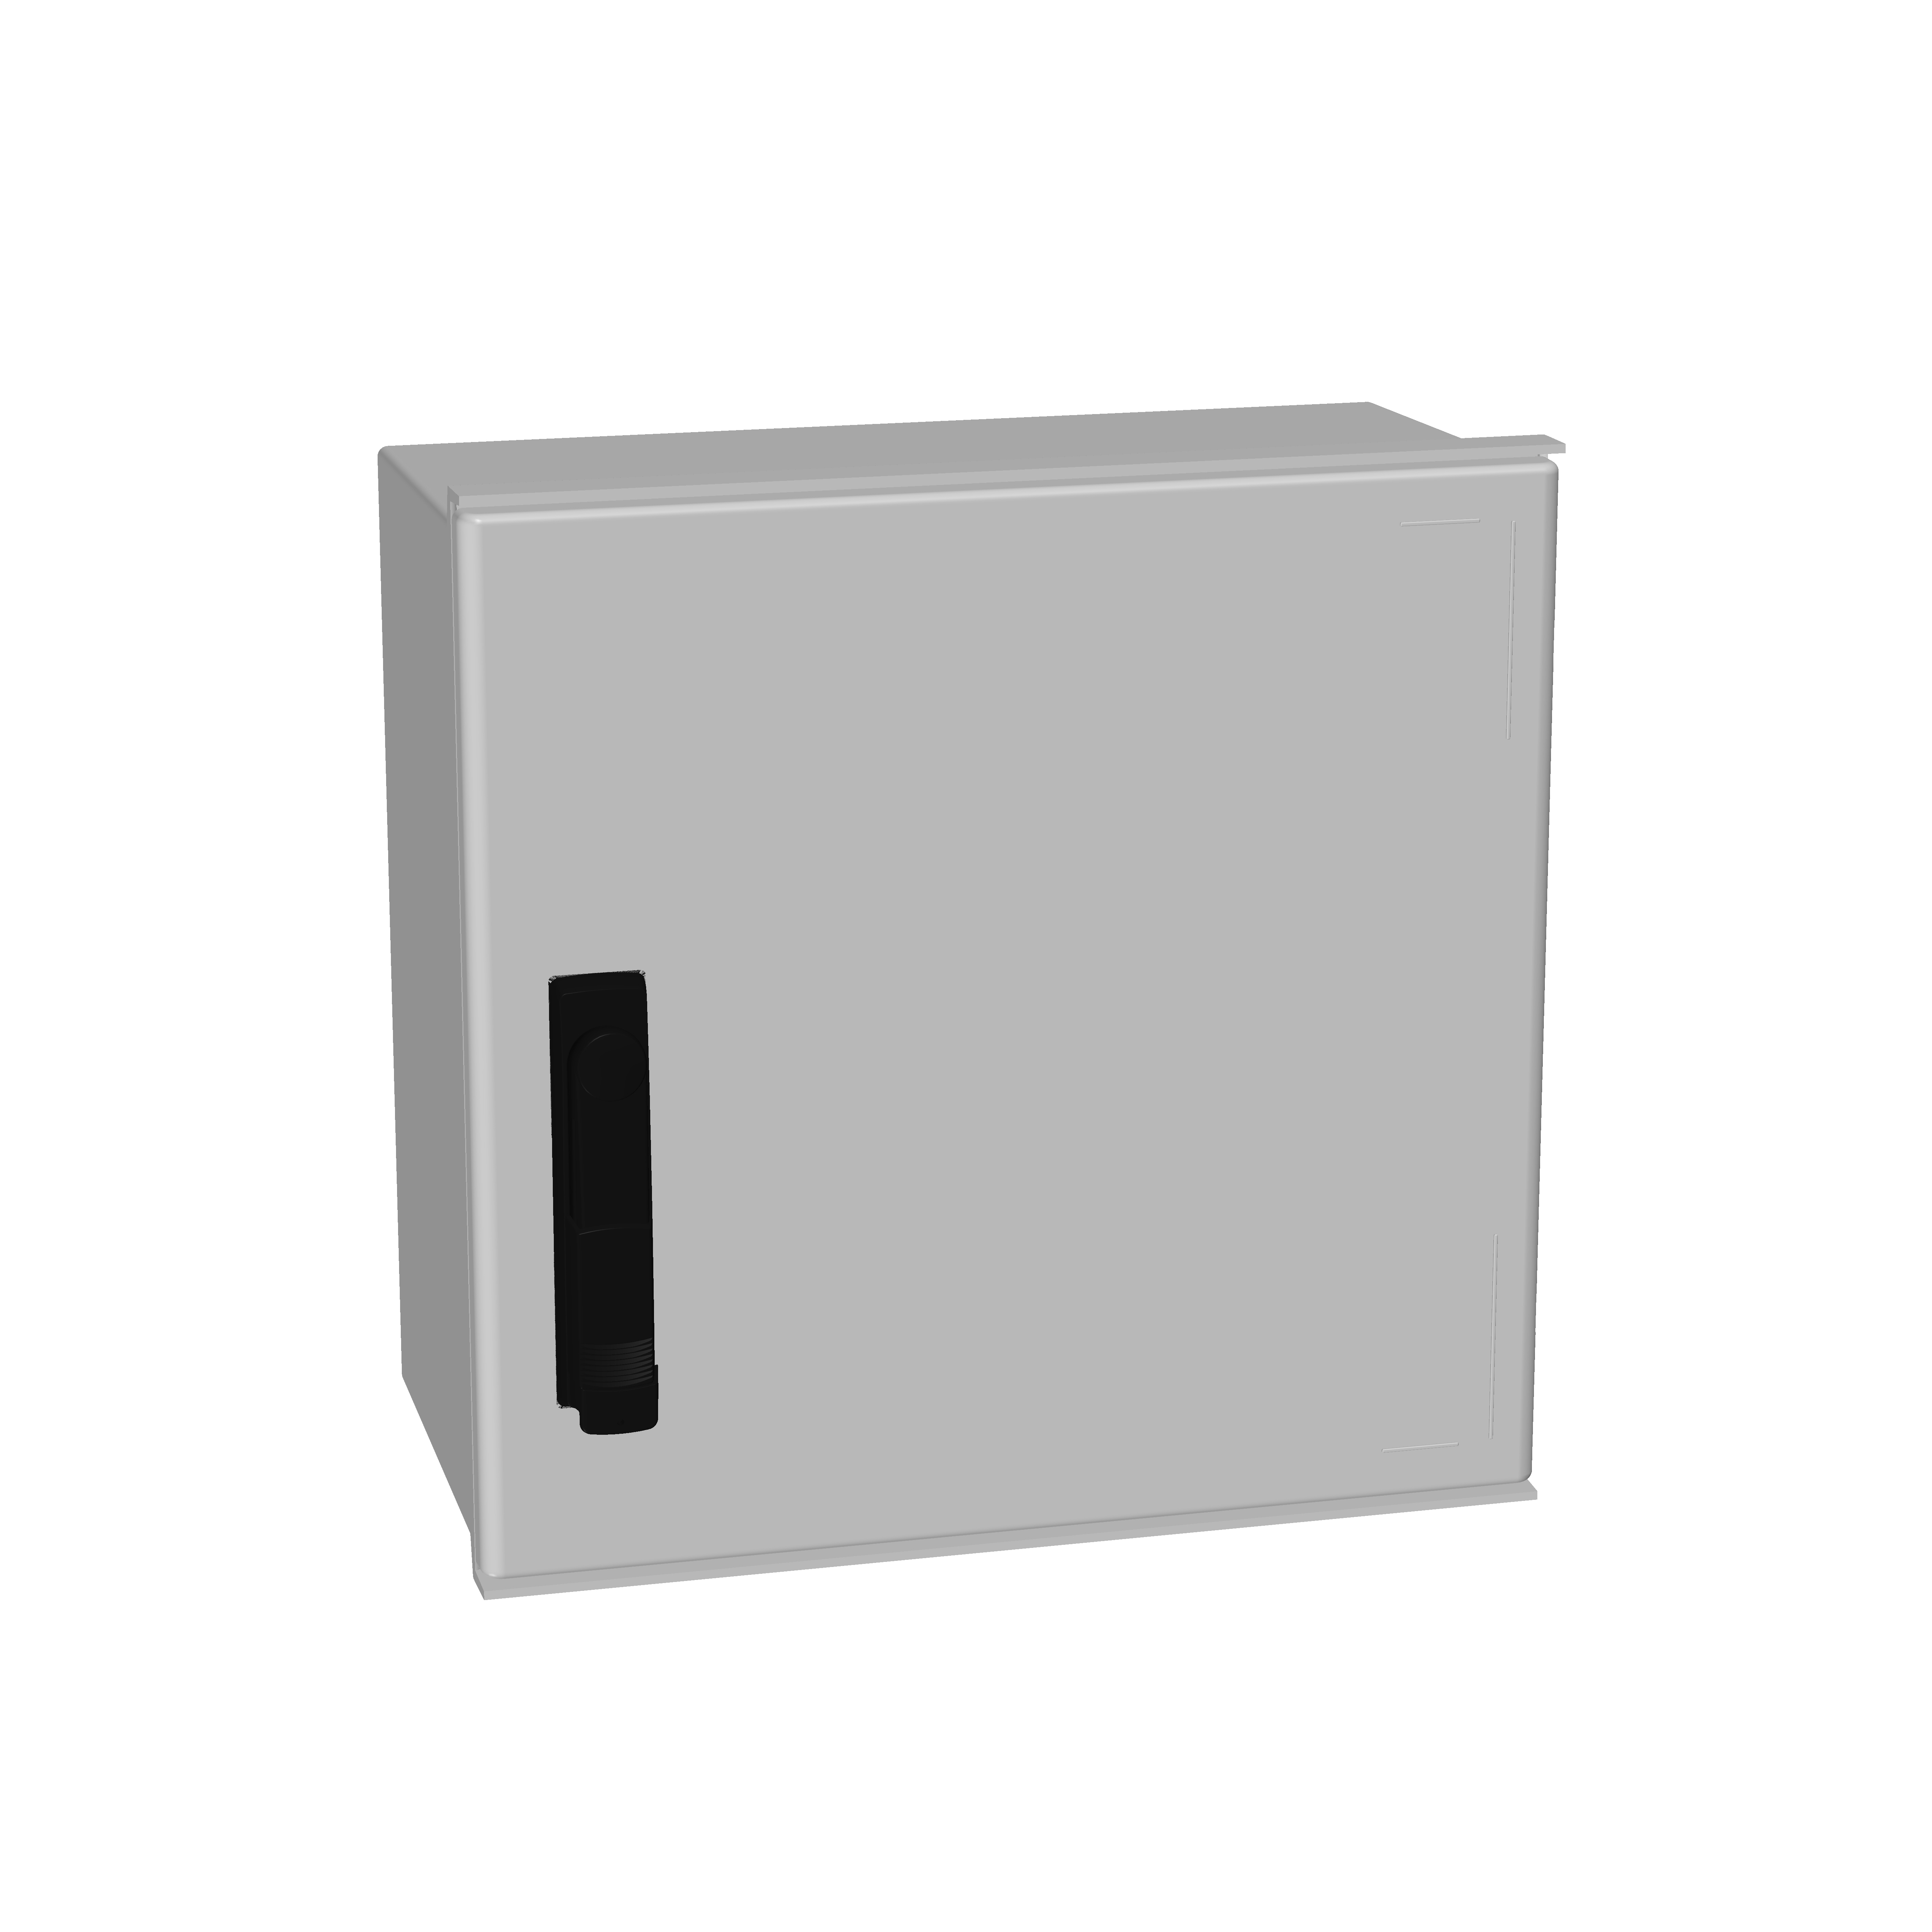 1 Stk Minipol-Wandschrank 3-Punkt Stangenverschl. 400x400x200mm IM088844--